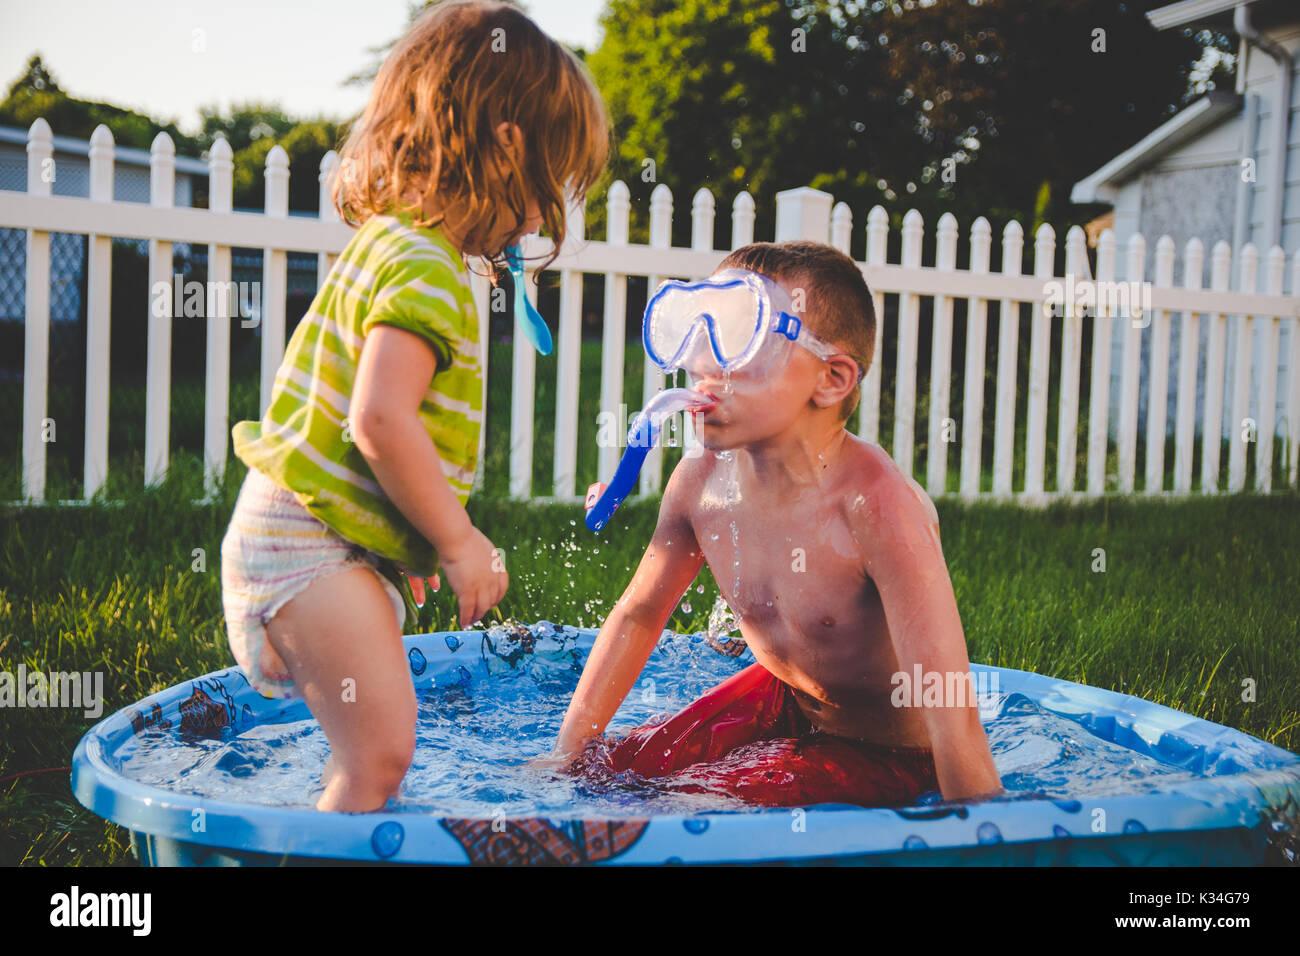 Un garçon portant un masque de plongée ressemble à une petite fille dans une piscine enfants Banque D'Images